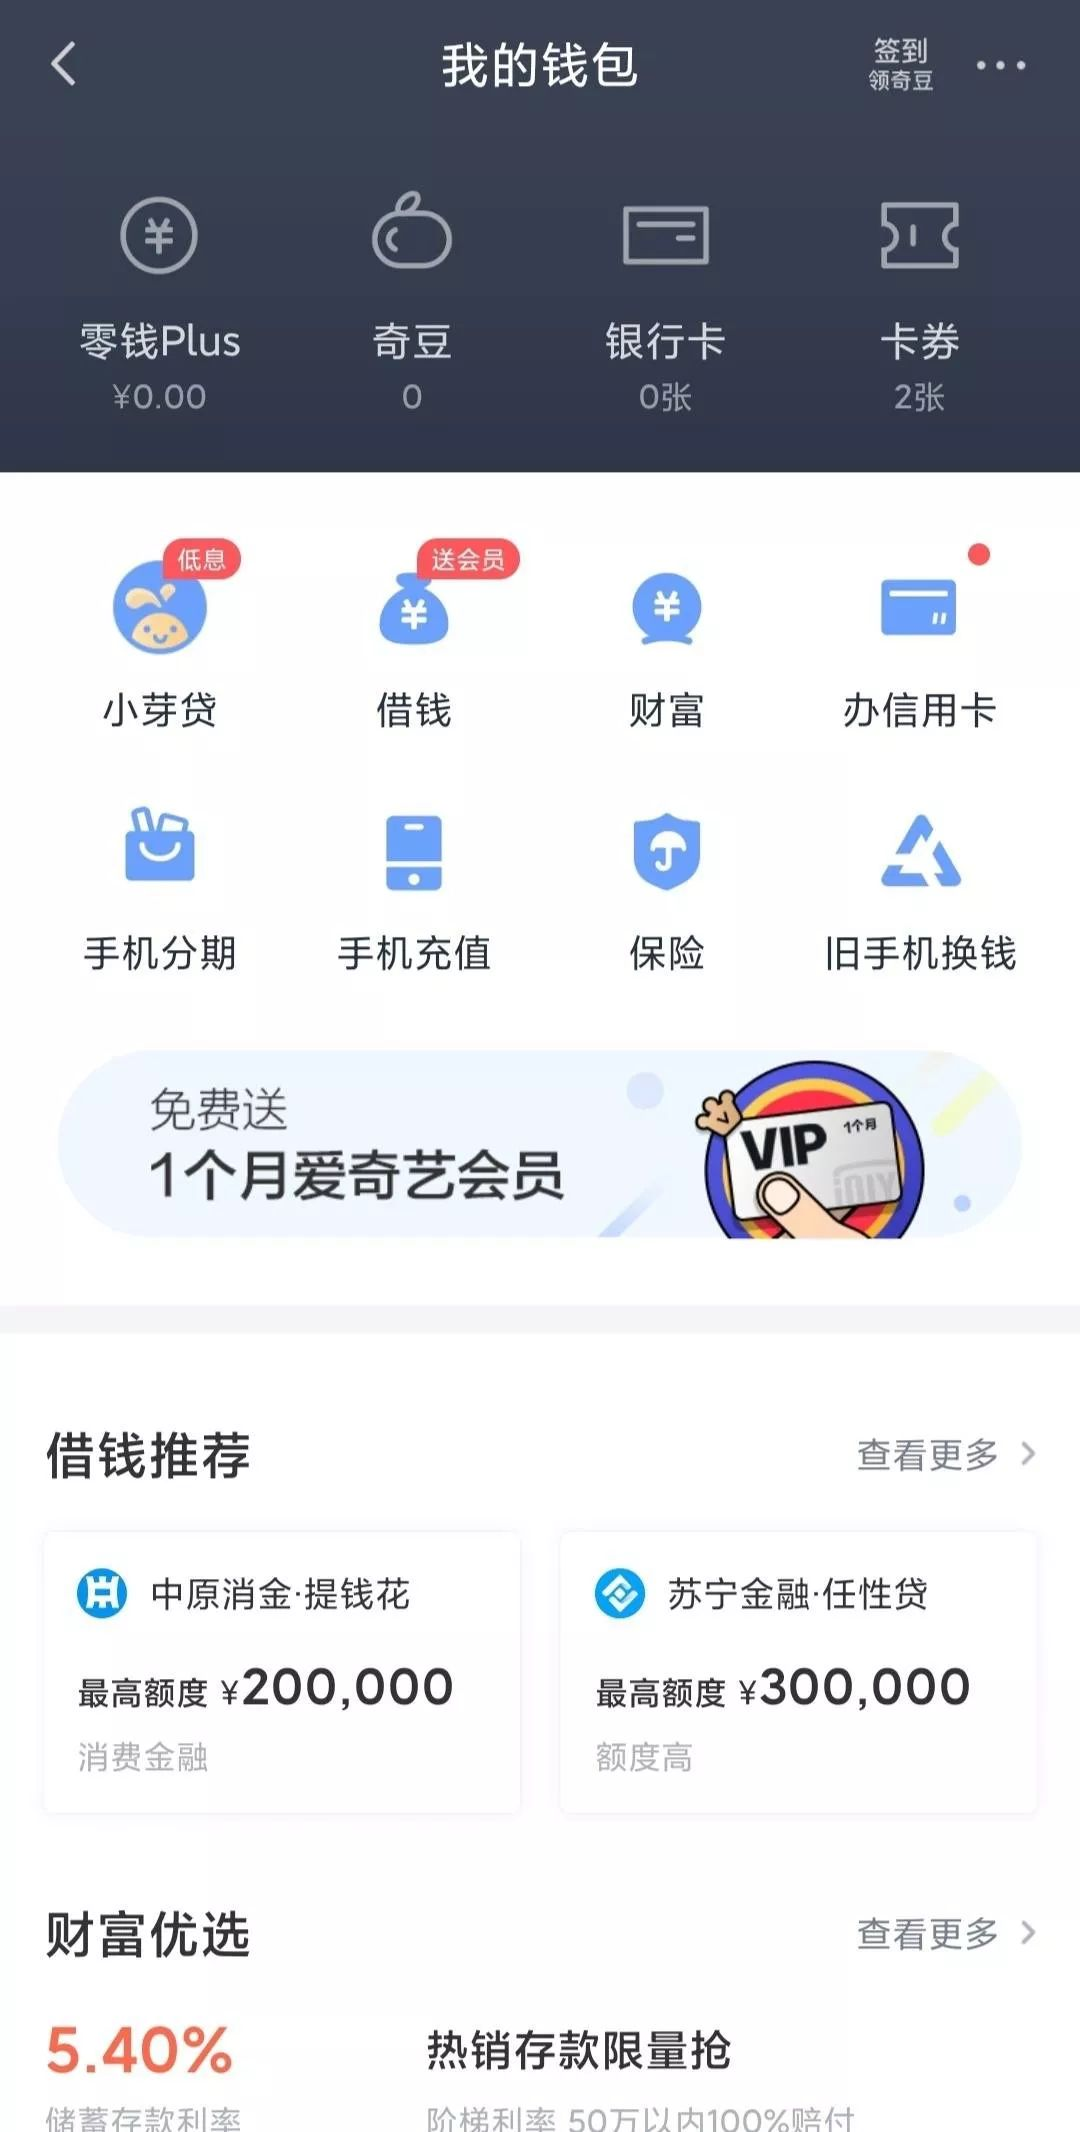 爱奇艺进军助贷:上线小芽贷 合作百信银行和新网银行